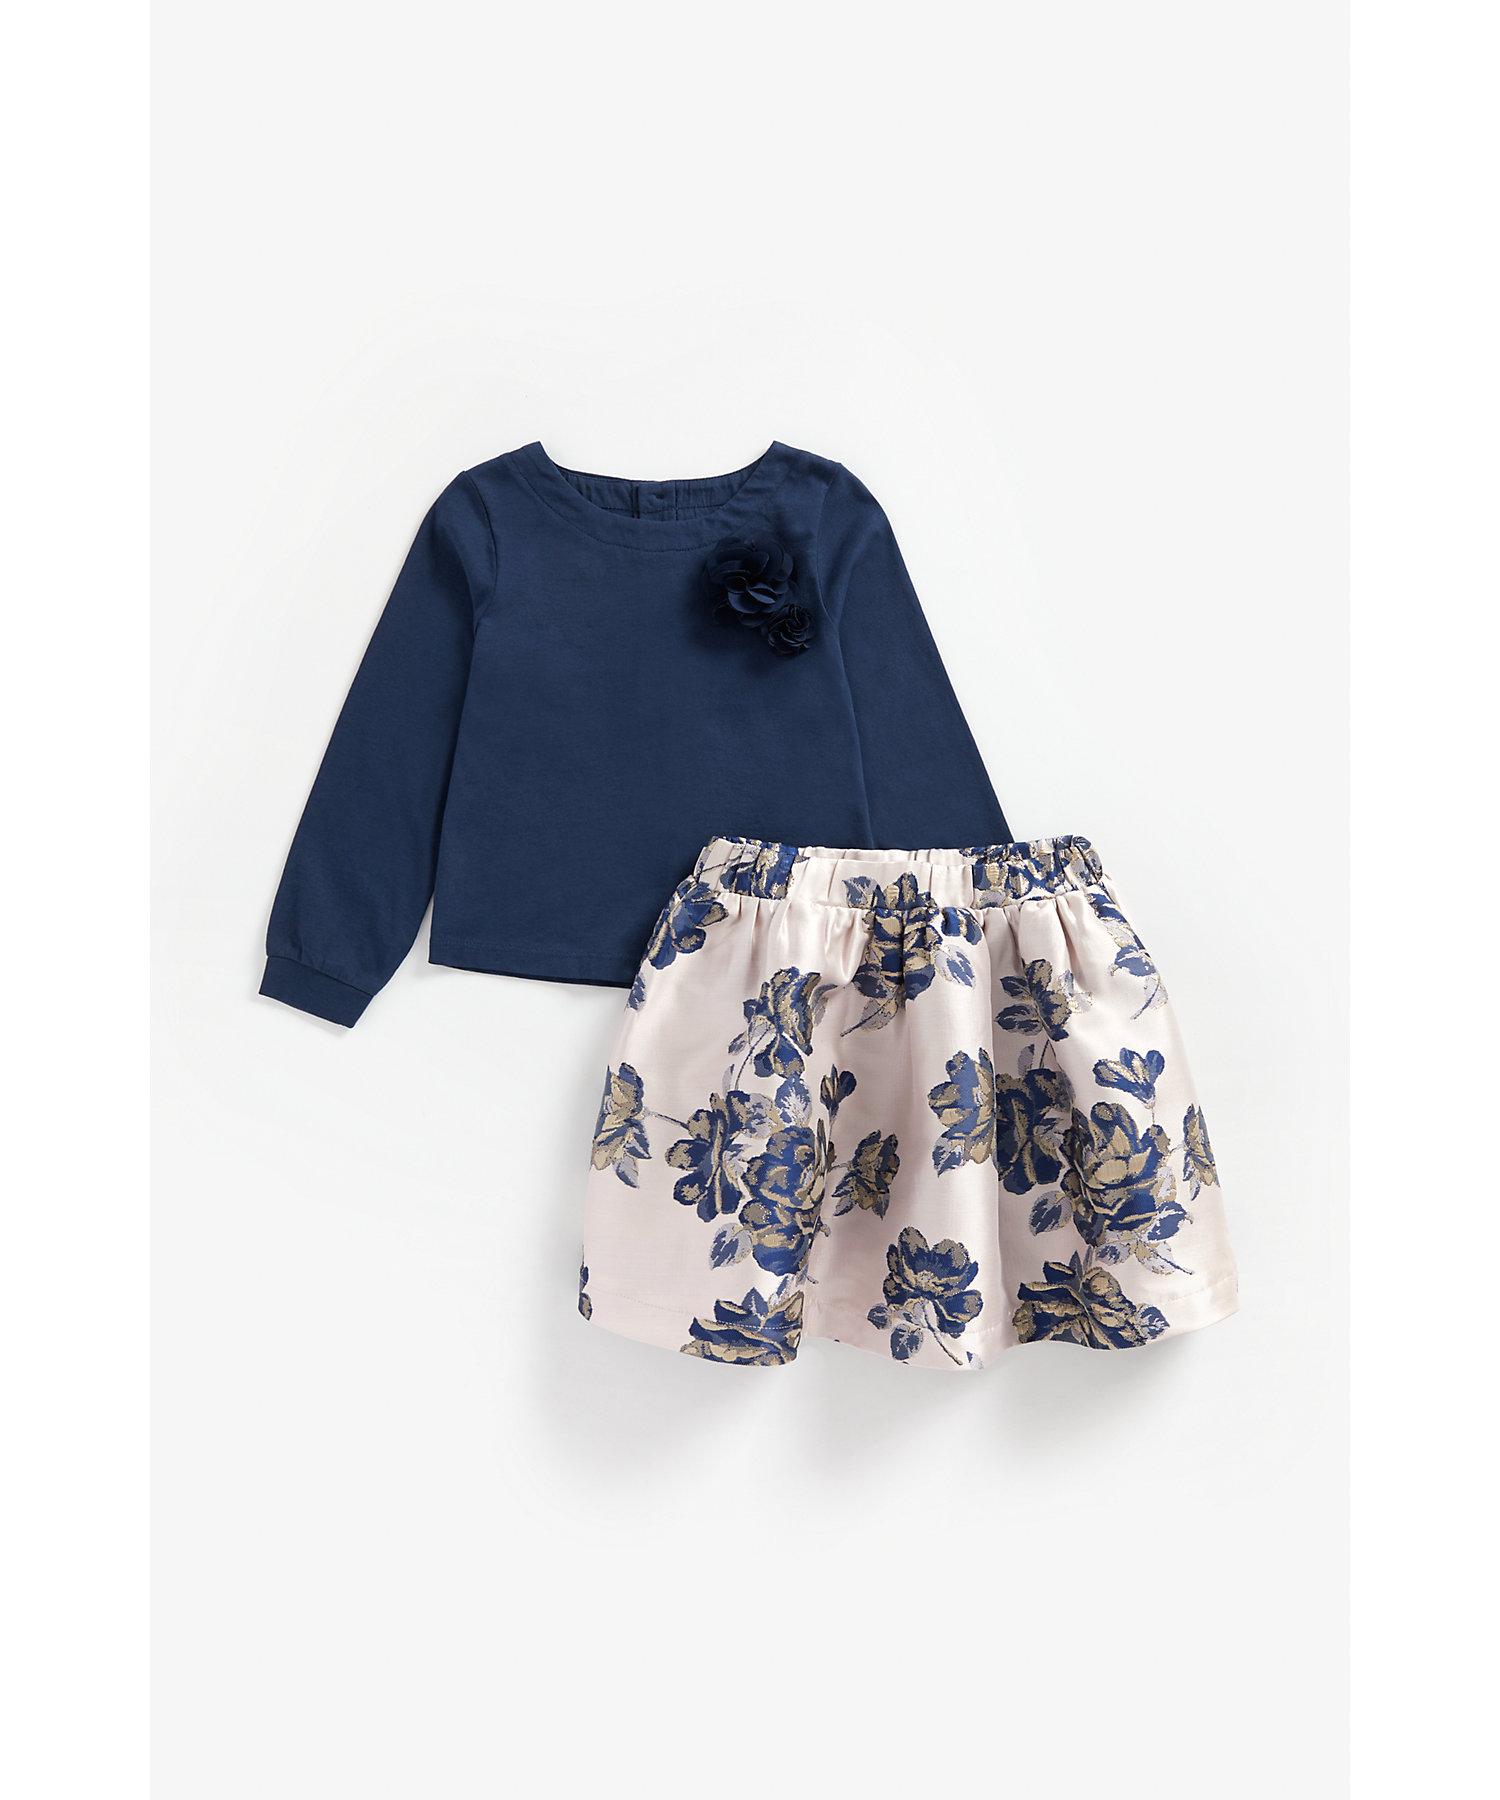 Mothercare | Girls Full Sleeves Top And Skirt Set 3D Flower Detail - Navy